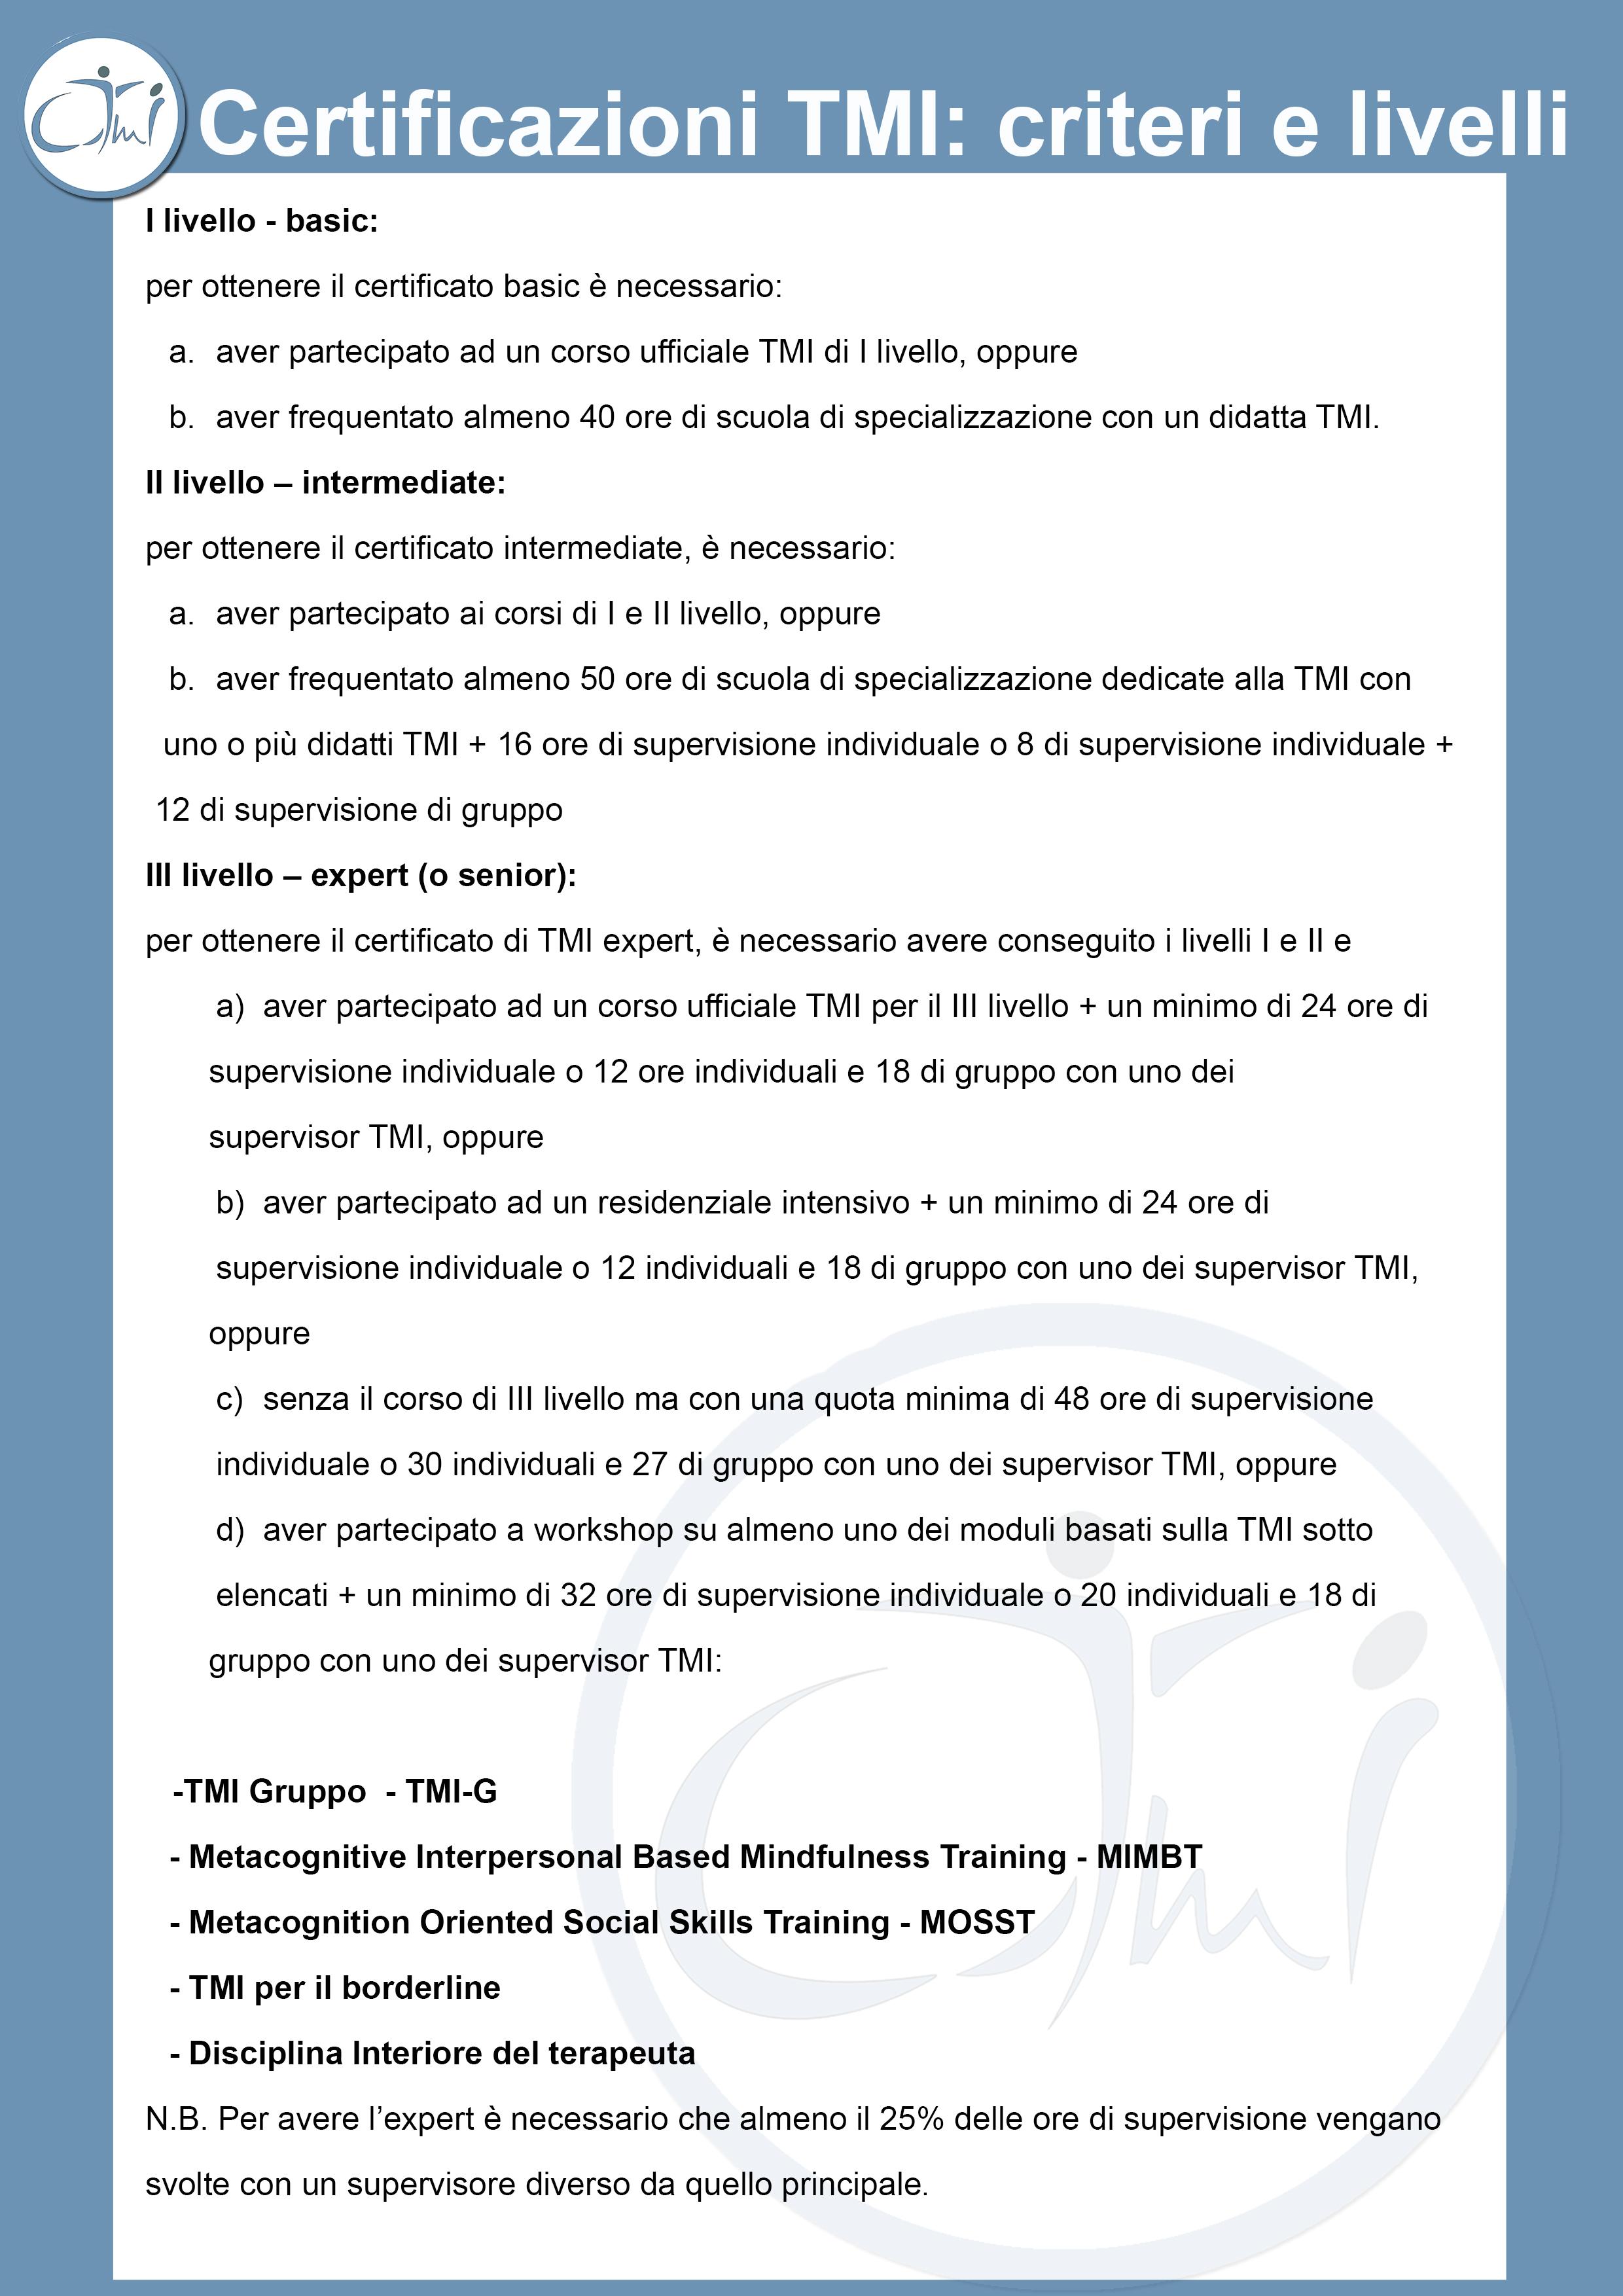 Criteri Certificazione TMI